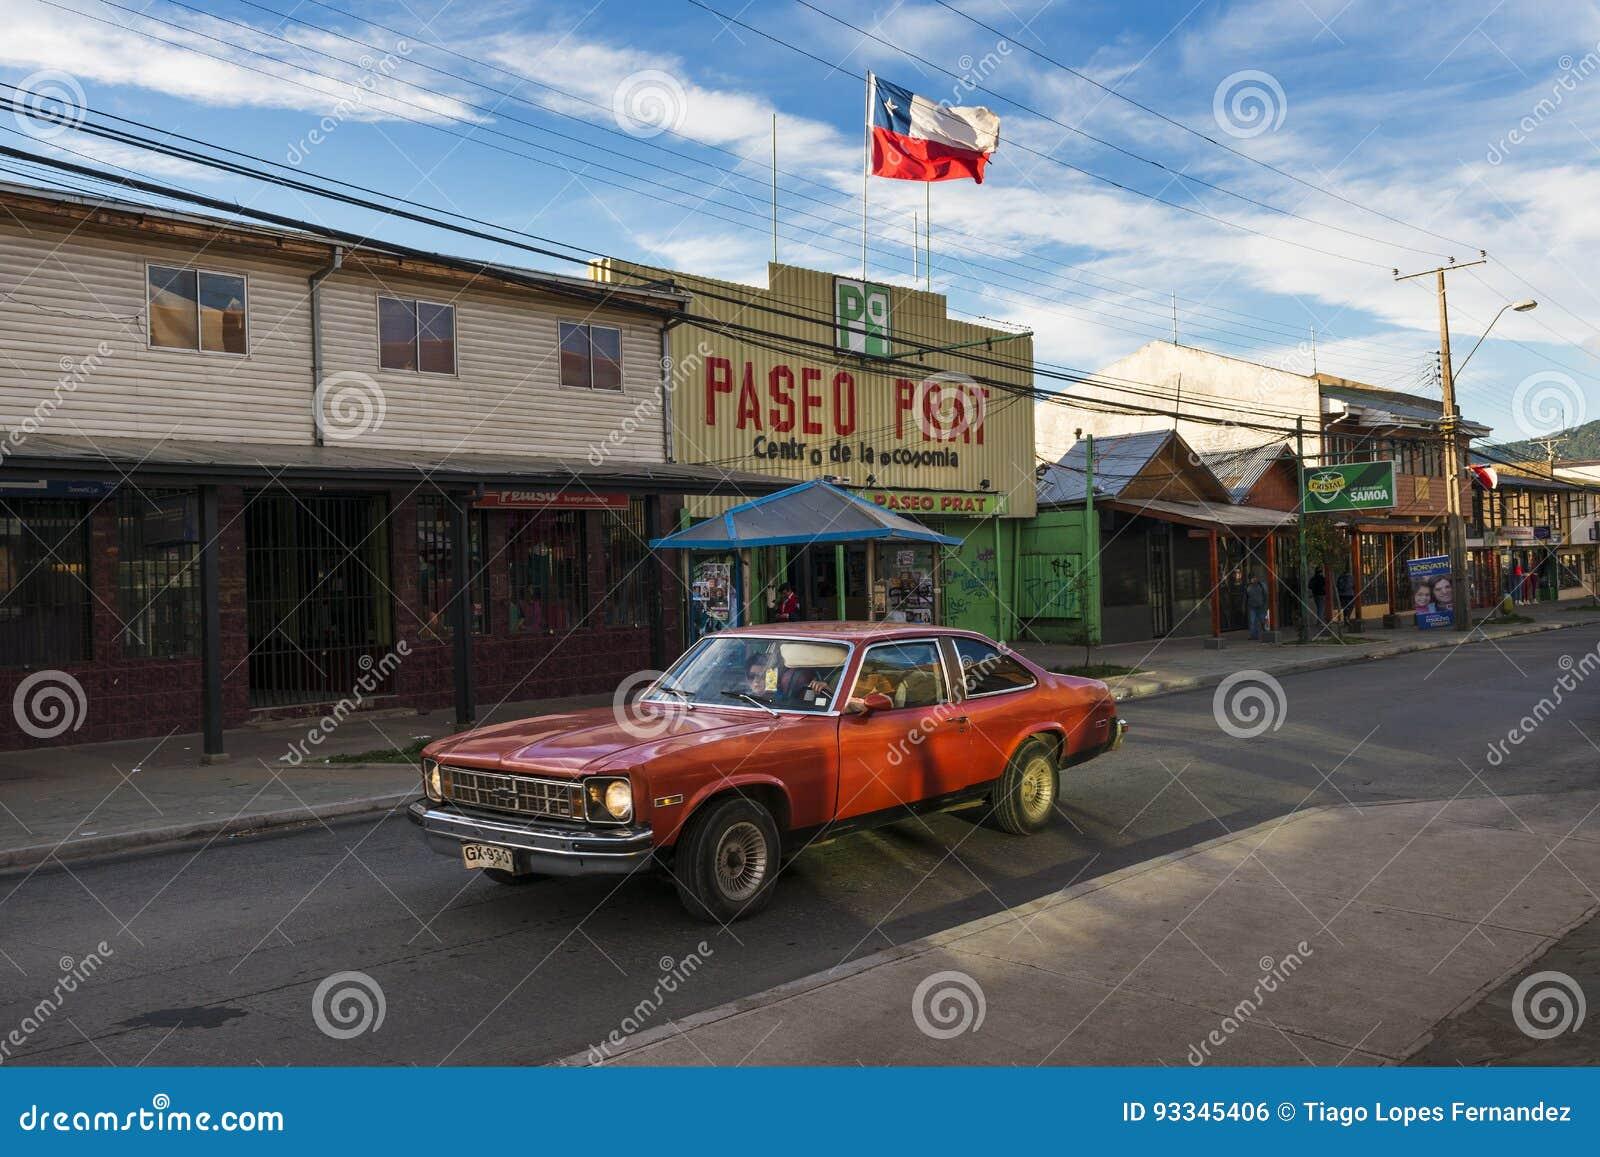 Ένα κόκκινο αυτοκίνητο σε μια οδό της πόλης Coyhaique στη Χιλή, Νότια Αμερική